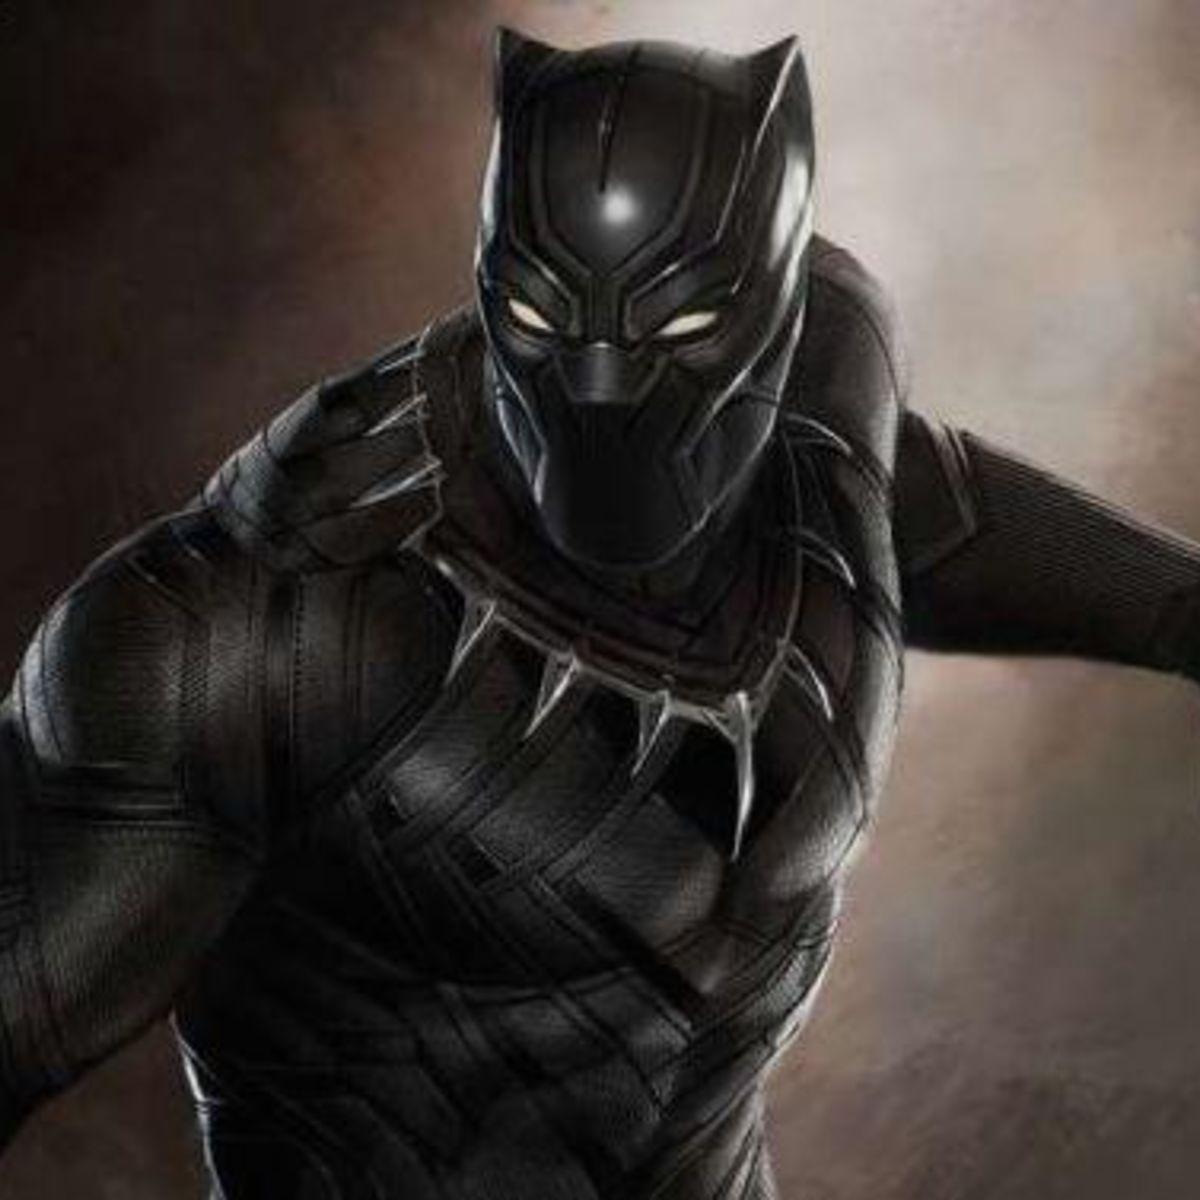 black-panther-art.jpg